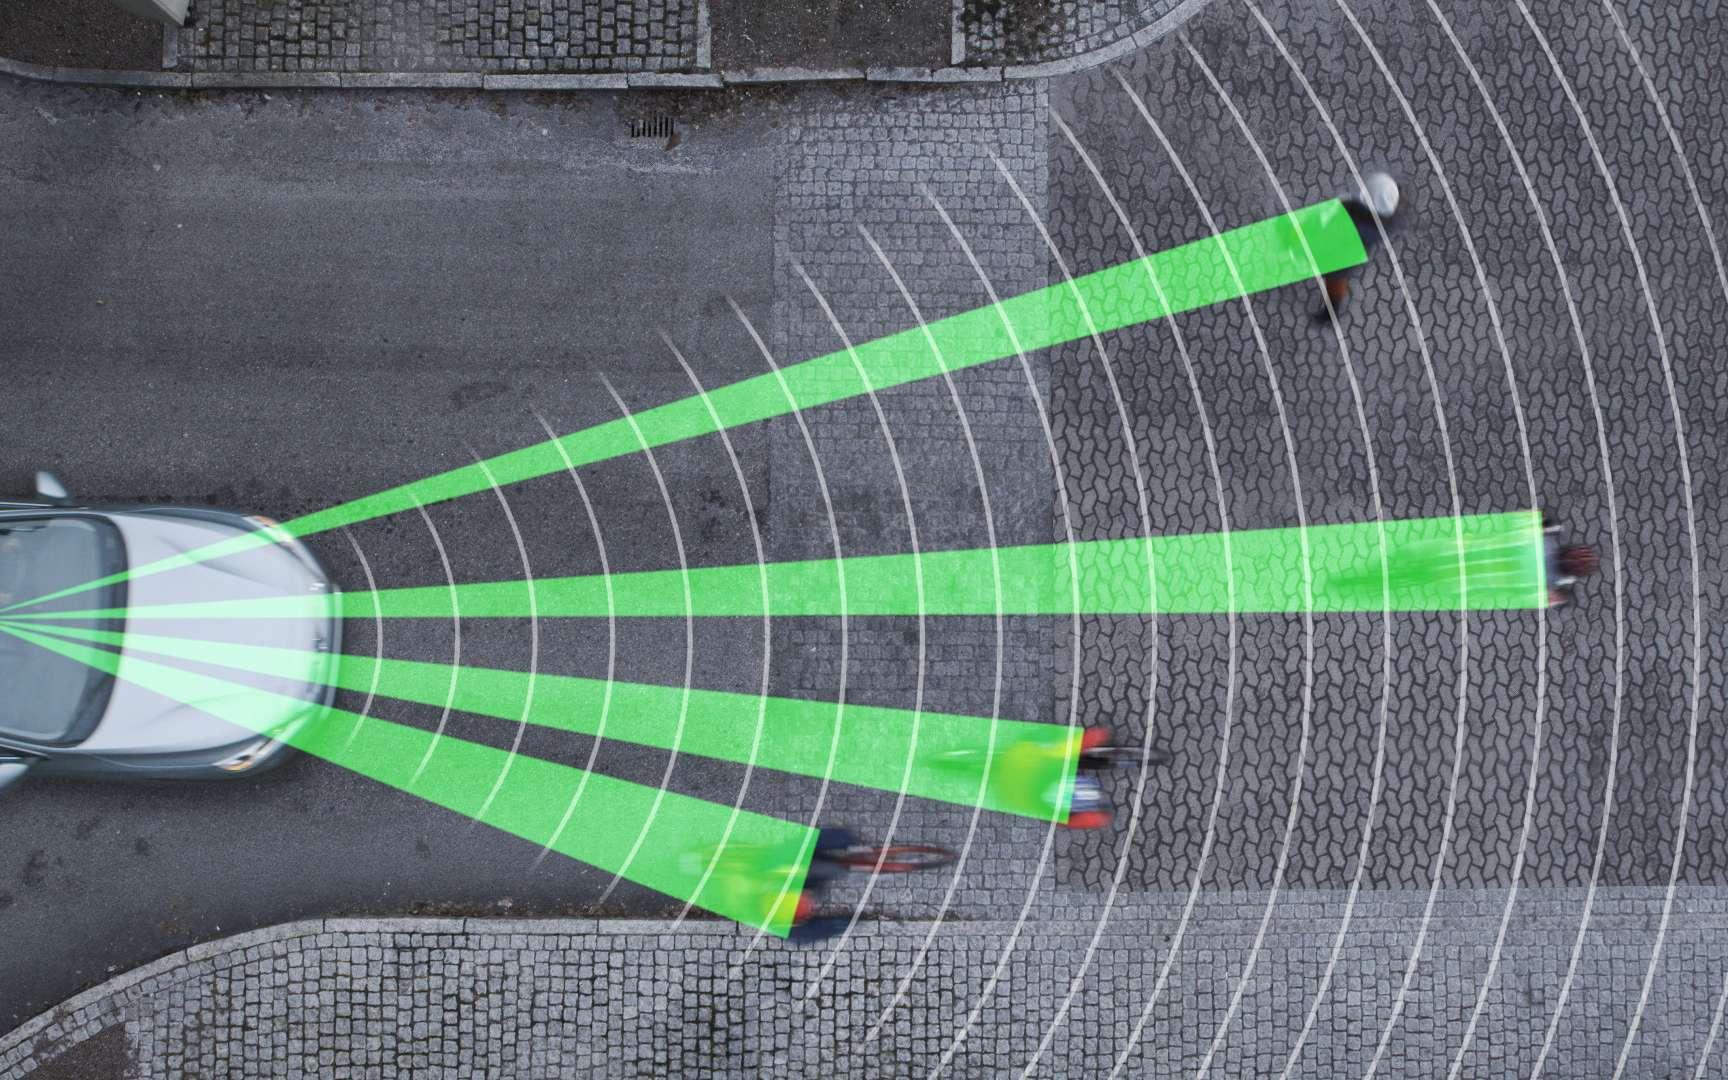 La technologie développée par Volvo repose sur un radar bimode, placé dans la calandre, et associé à une caméra haute définition qui se trouve dans le rétroviseur intérieur. Le système peut suivre simultanément des piétons qui marchent sur les trottoirs et les cyclistes qui circulent sur la même voie que la voiture équipée. © Volvo